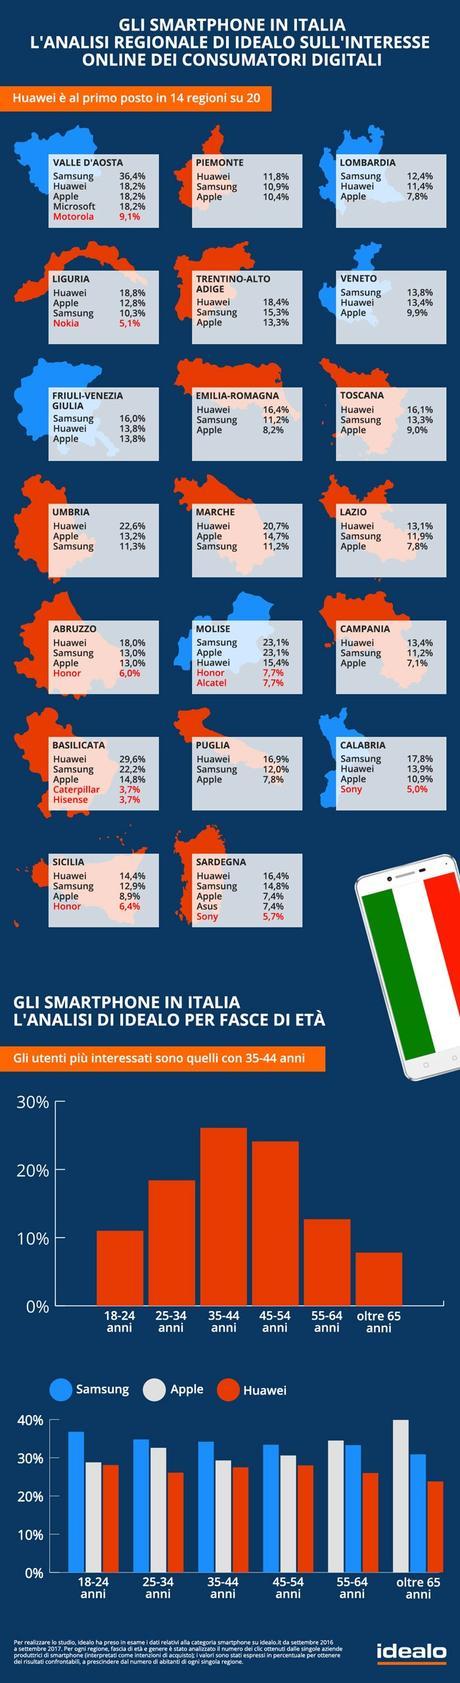 Italiani e Smartphone: ecco i brand che gli utenti acquistano di più online